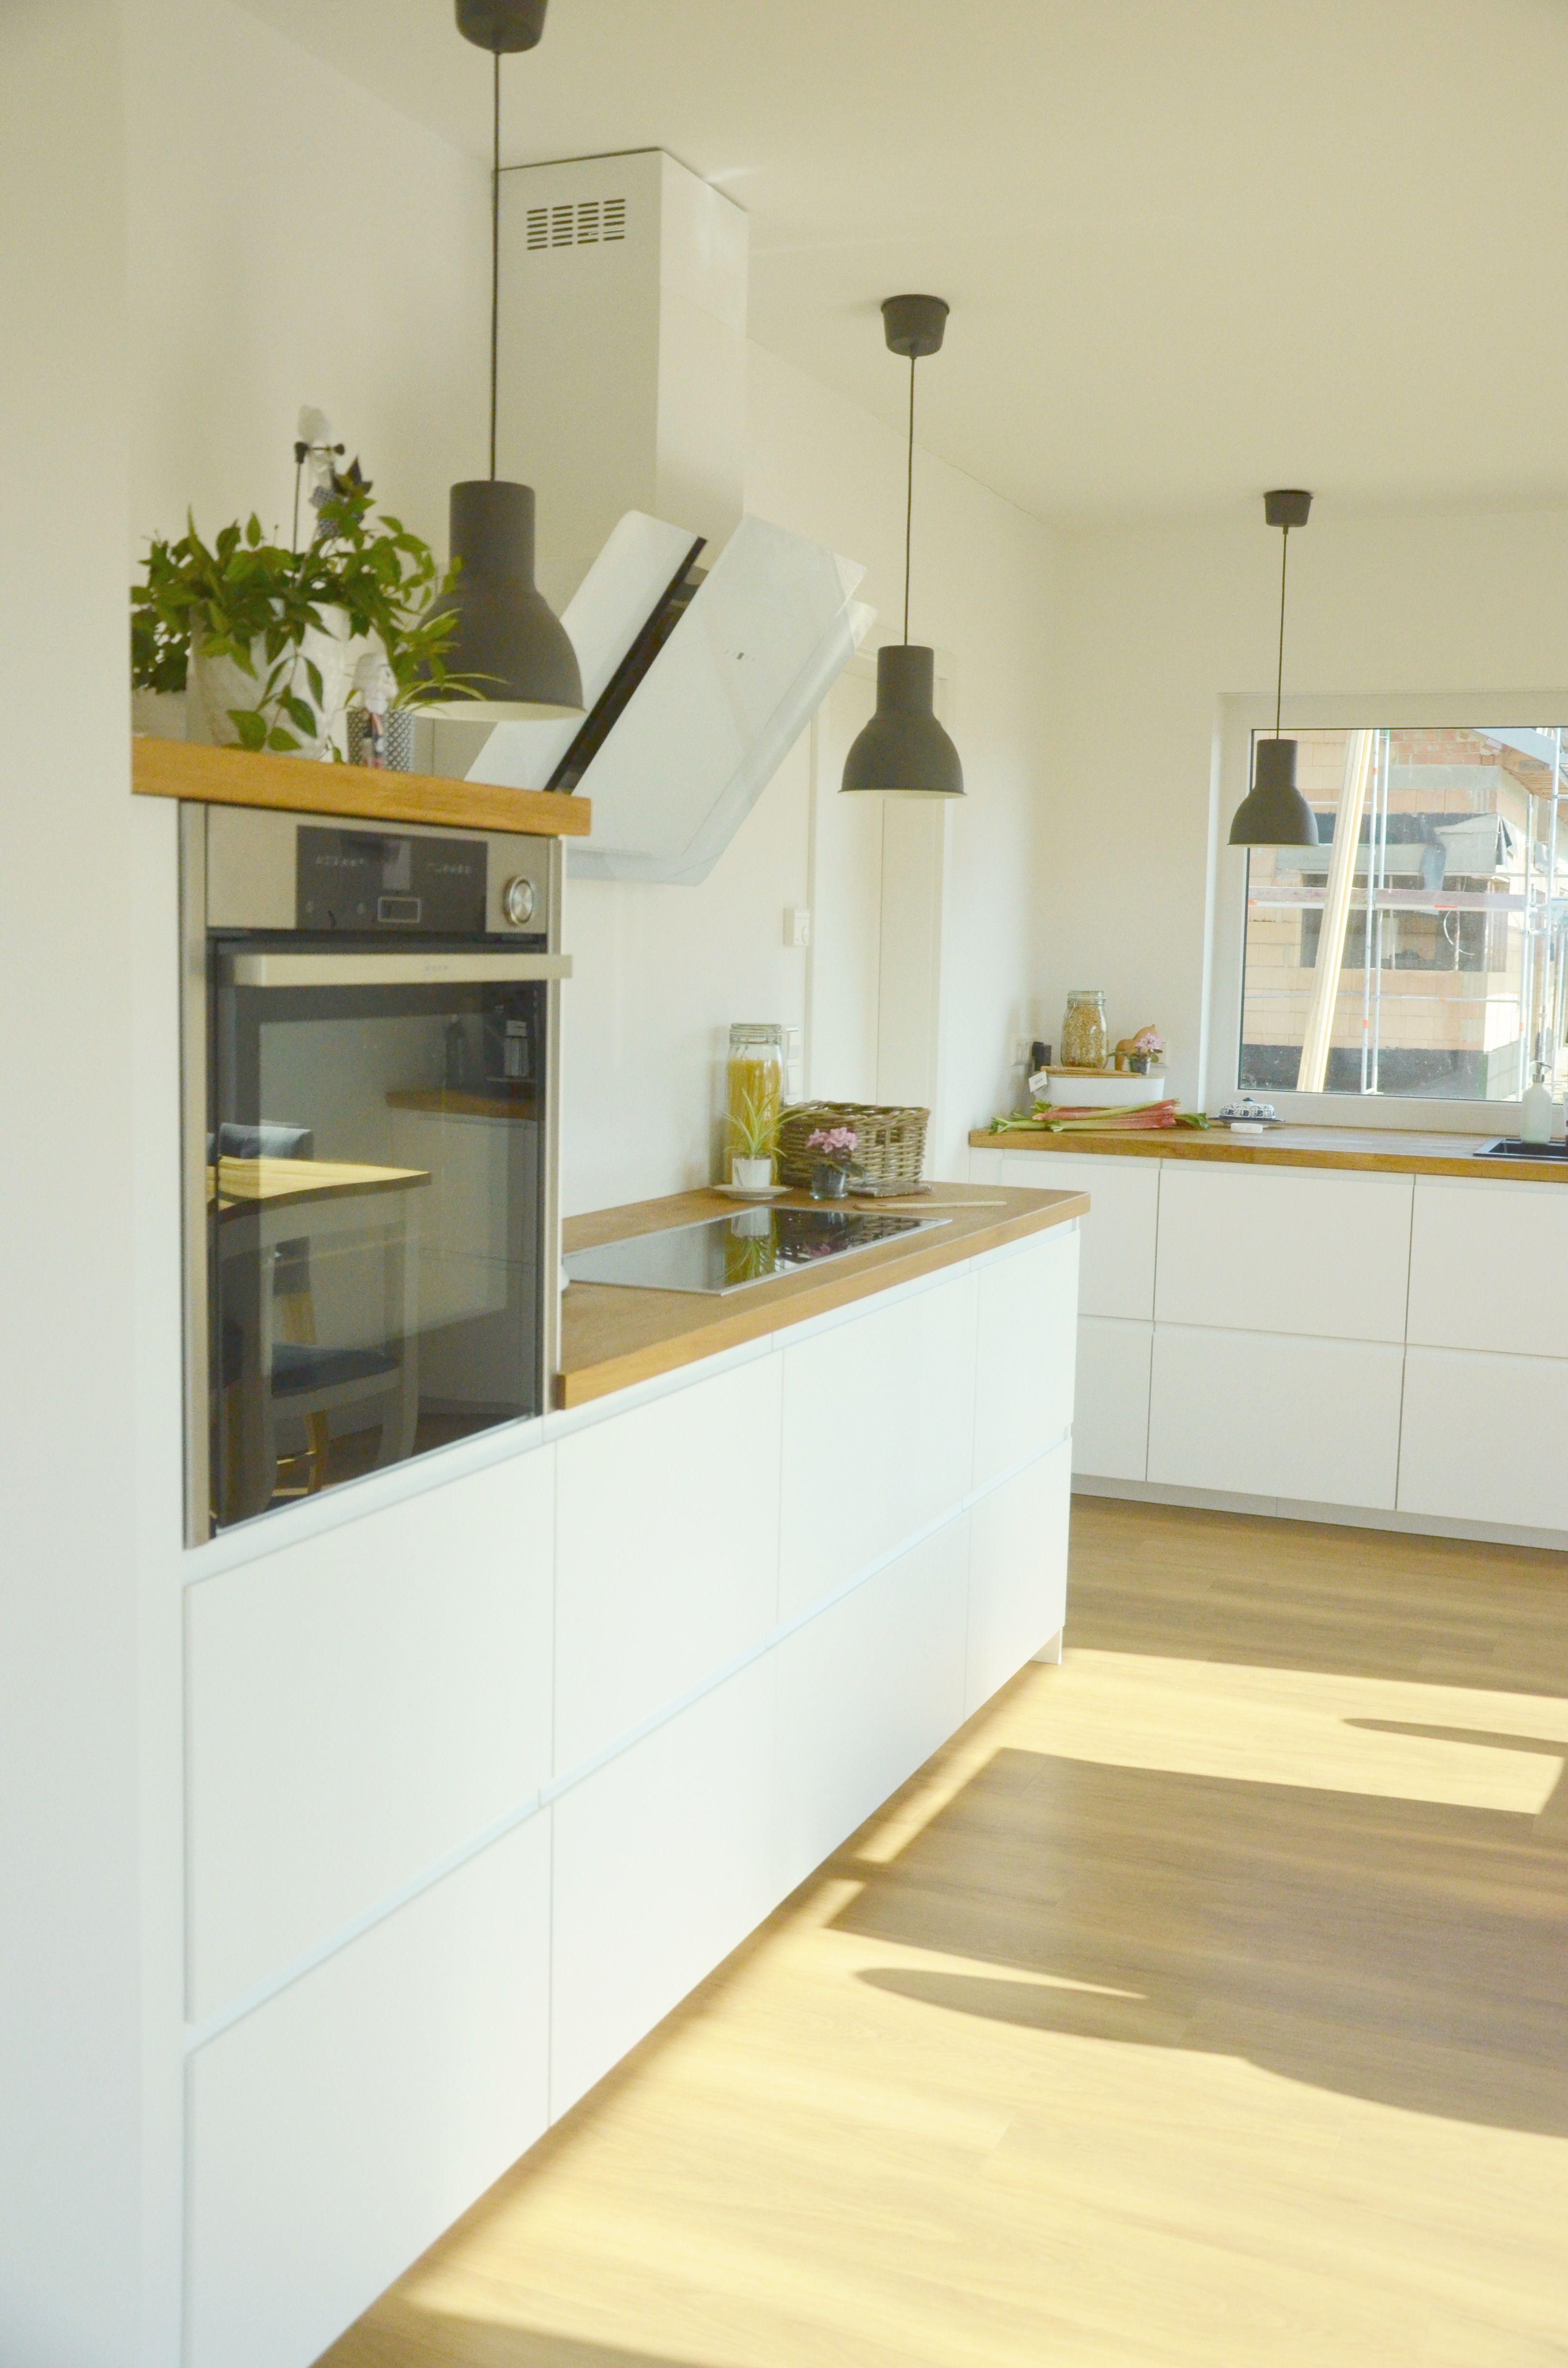 Küchenideen und designs einfache schicke küche  wohnideen  pinterest  kitchens interiors